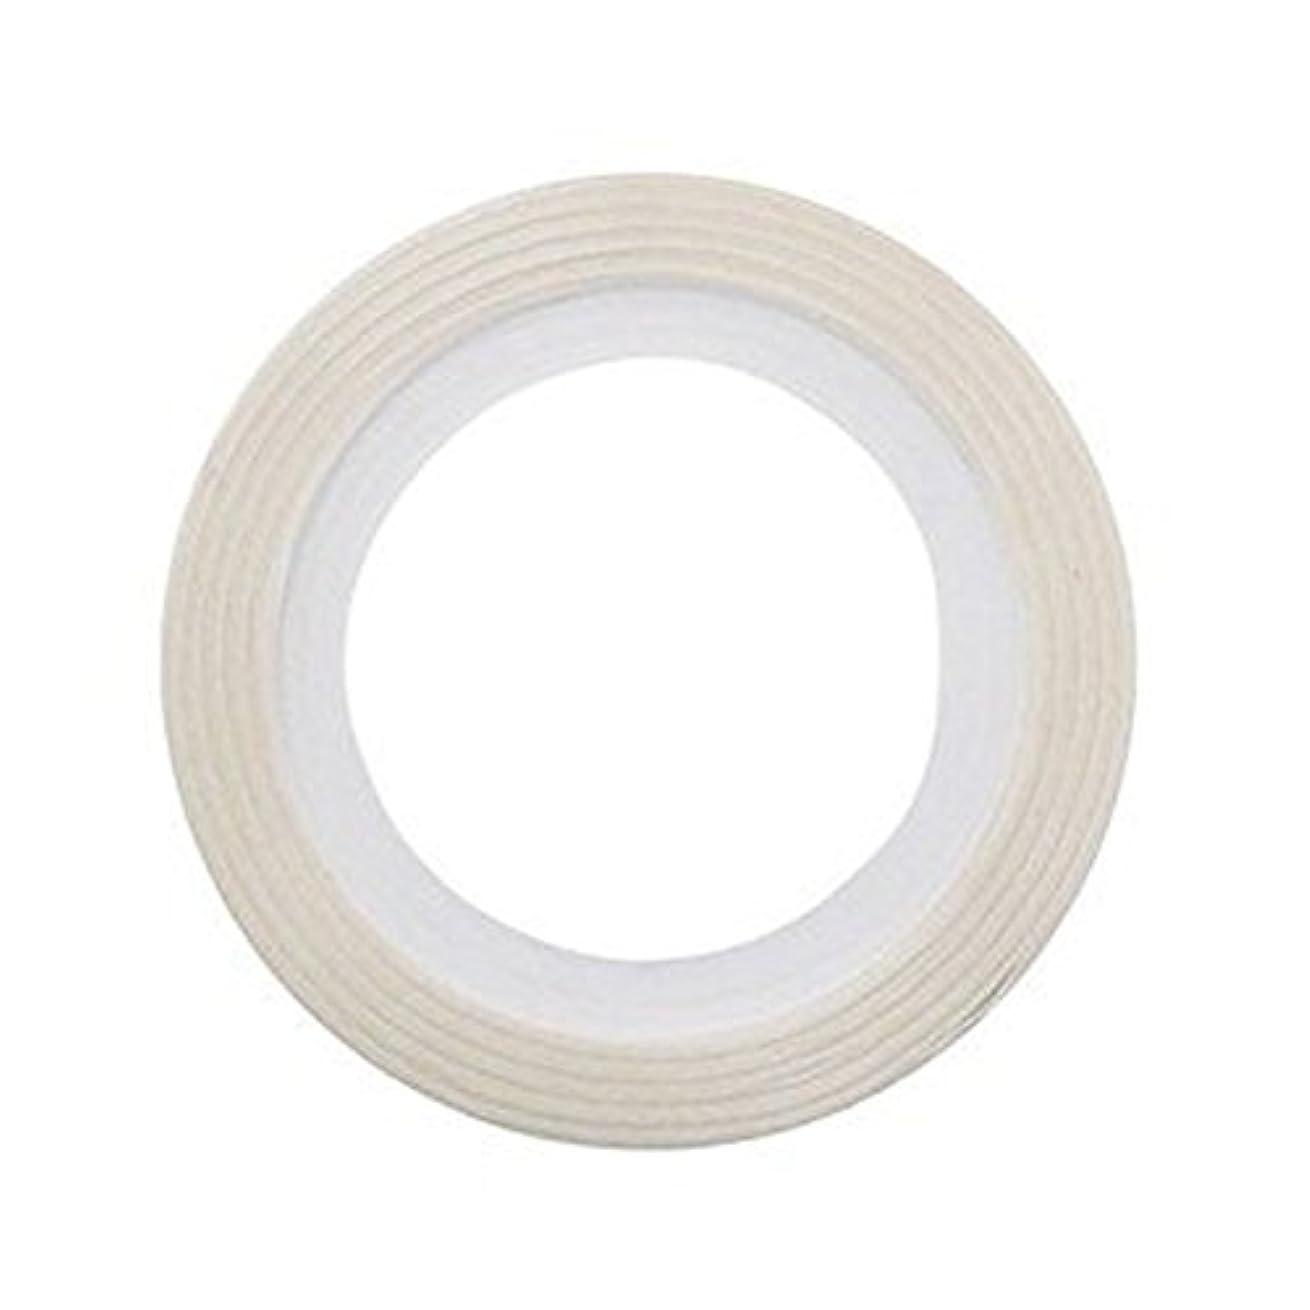 あいまいさ描くロープBonnail ラインテープ ホワイト